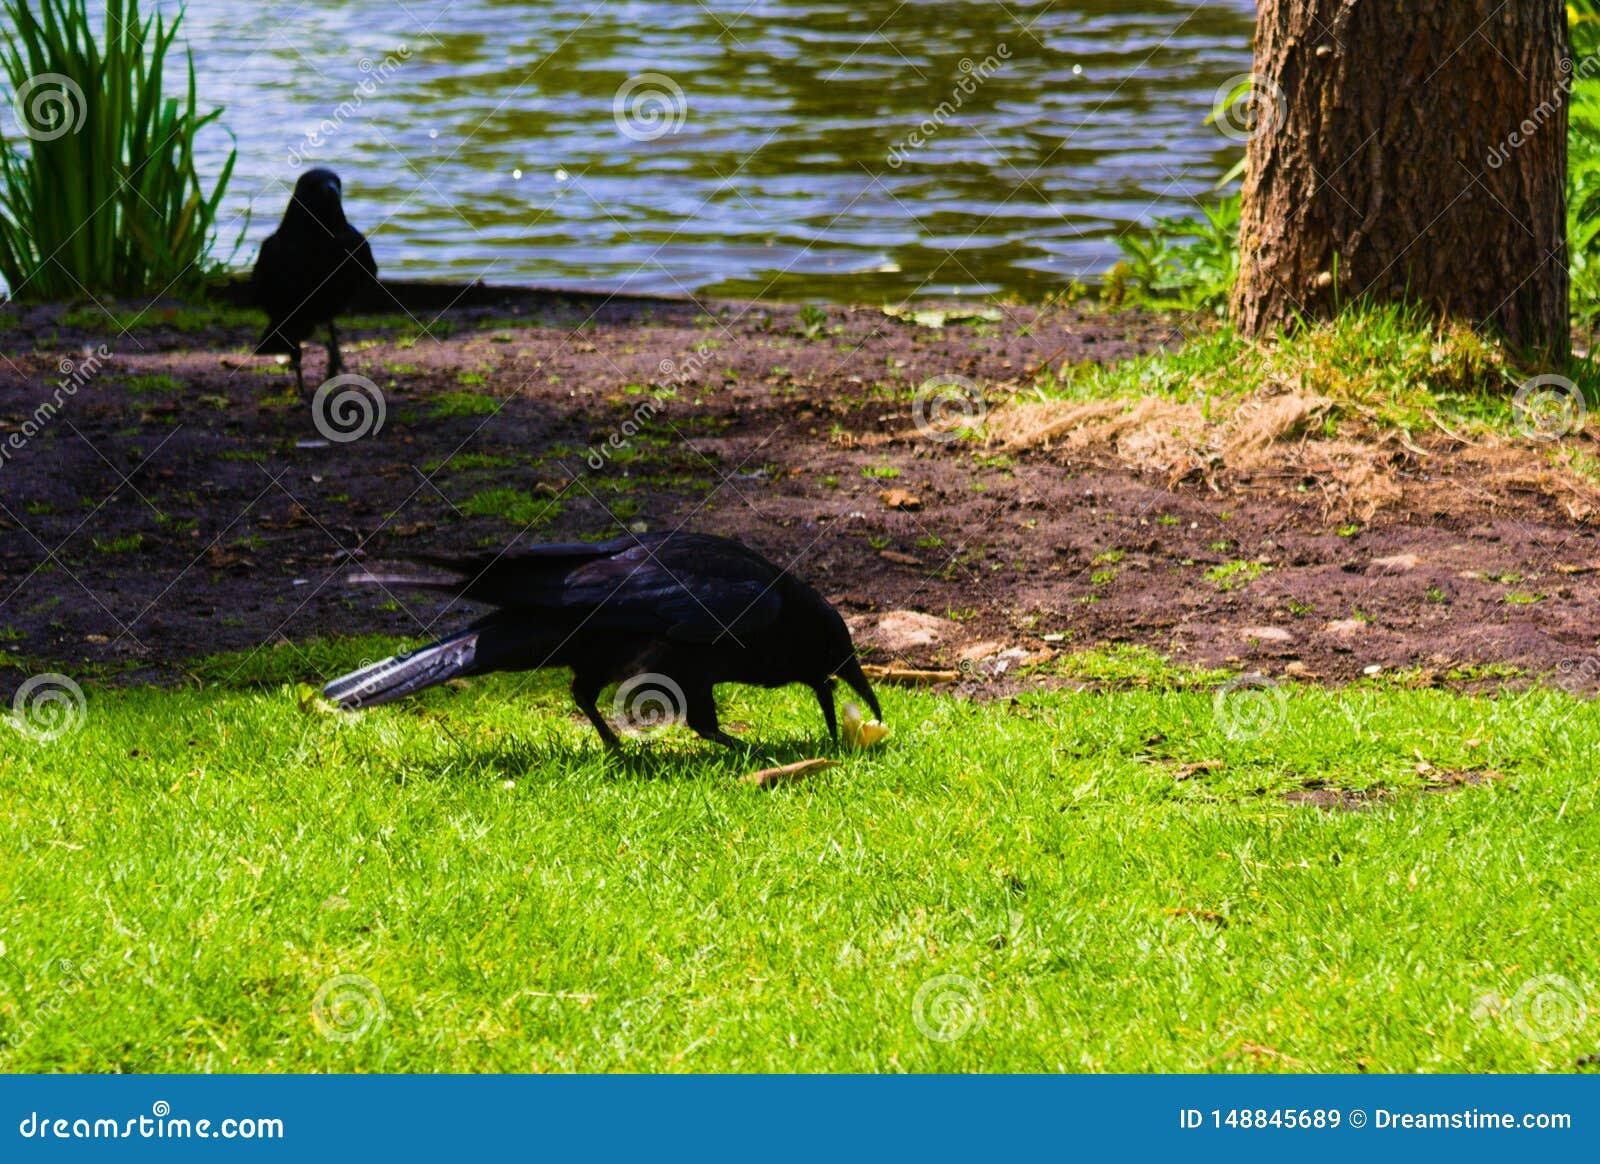 Corvo que rouba o alimento dos patos recém-nascidos do bebê